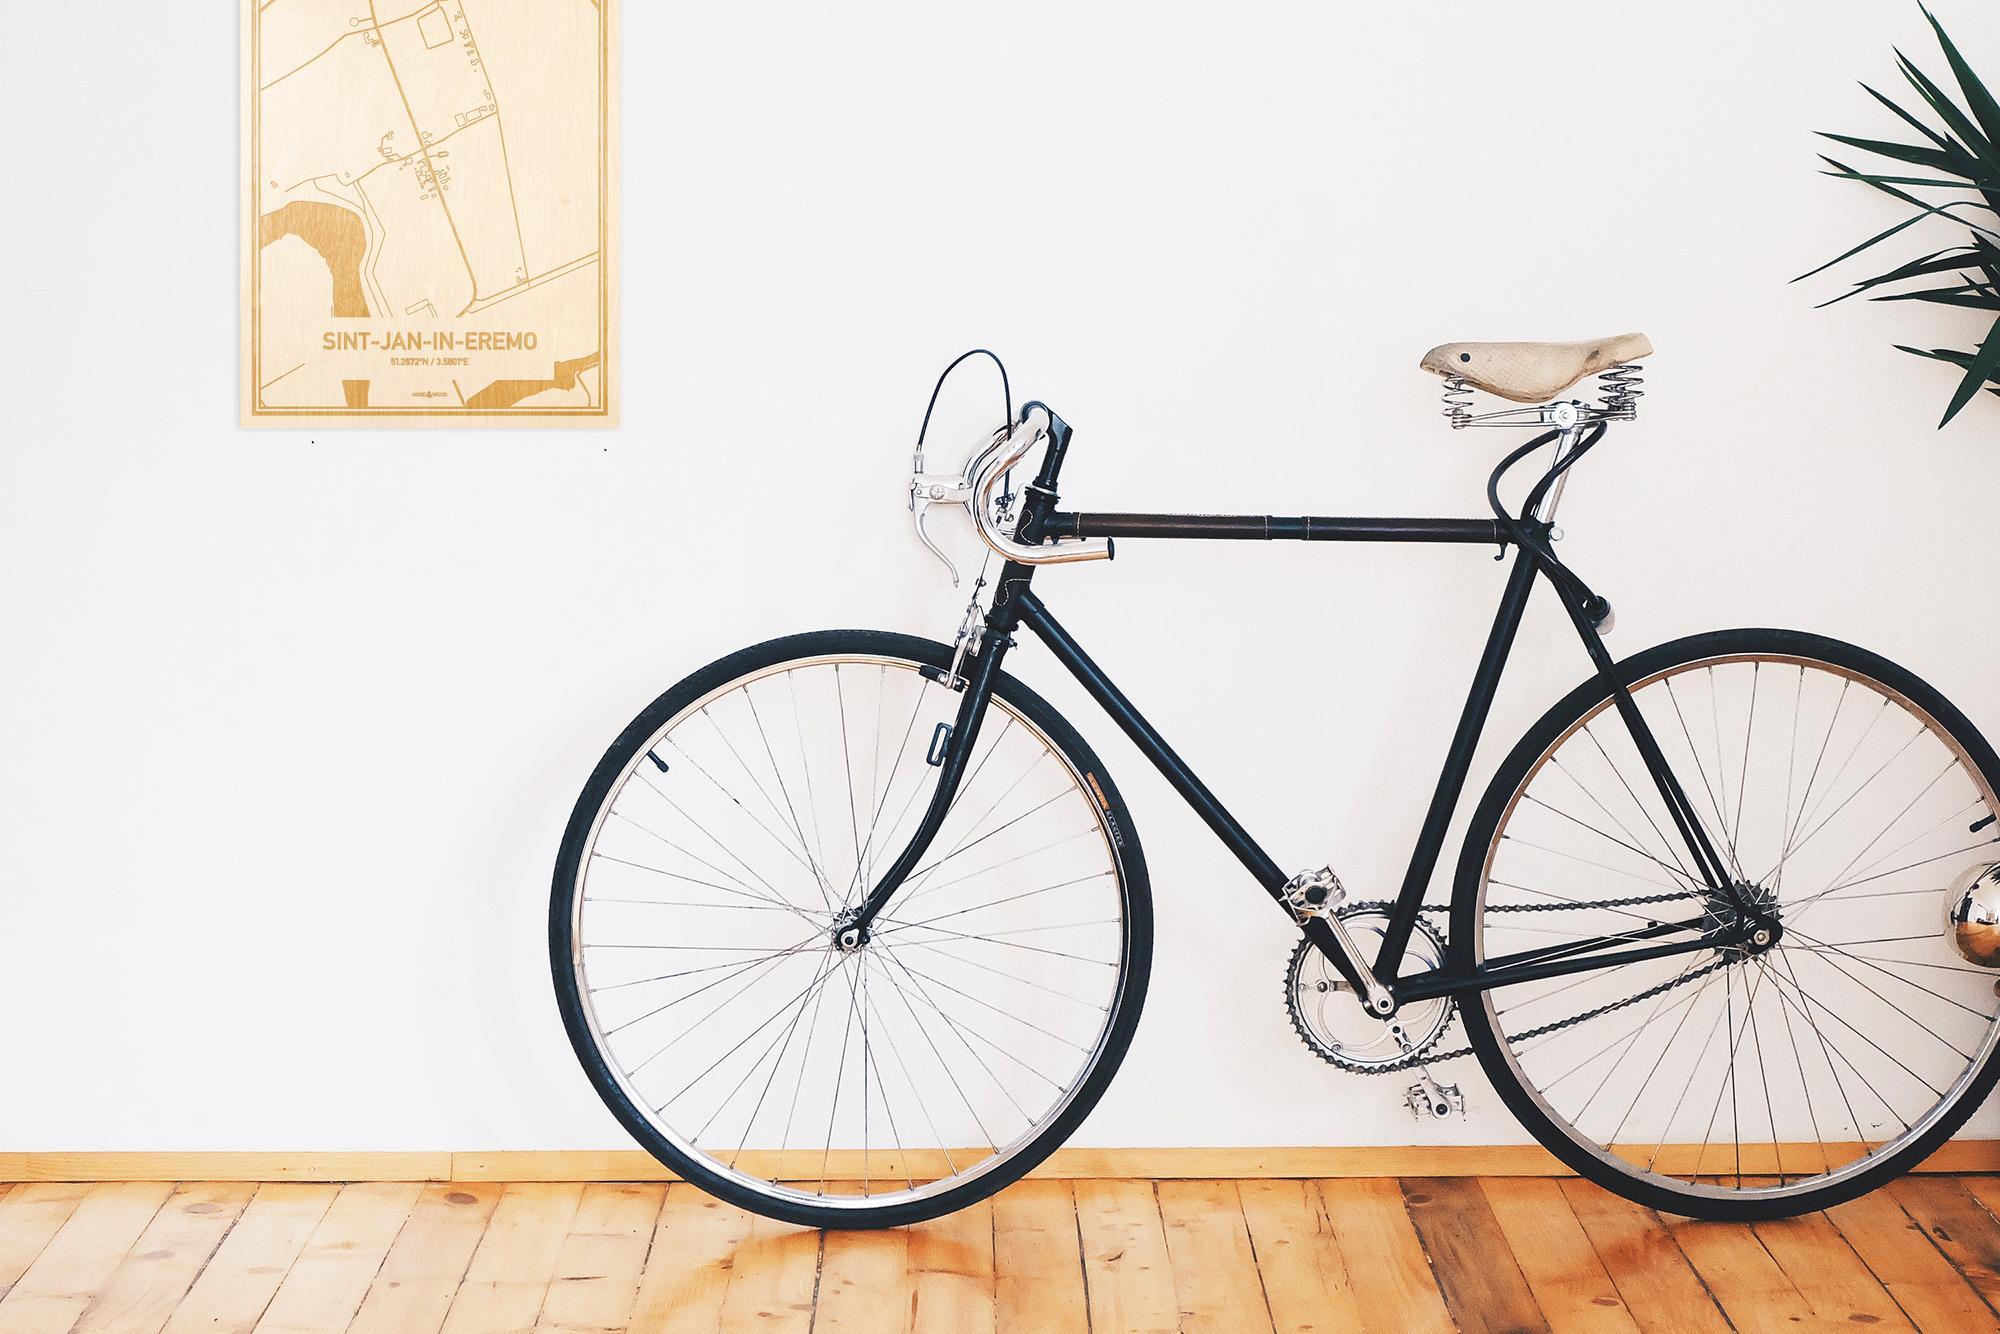 Een snelle fiets in een uniek interieur in Oost-Vlaanderen  met mooie decoratie zoals de plattegrond Sint-Jan-In-Eremo.